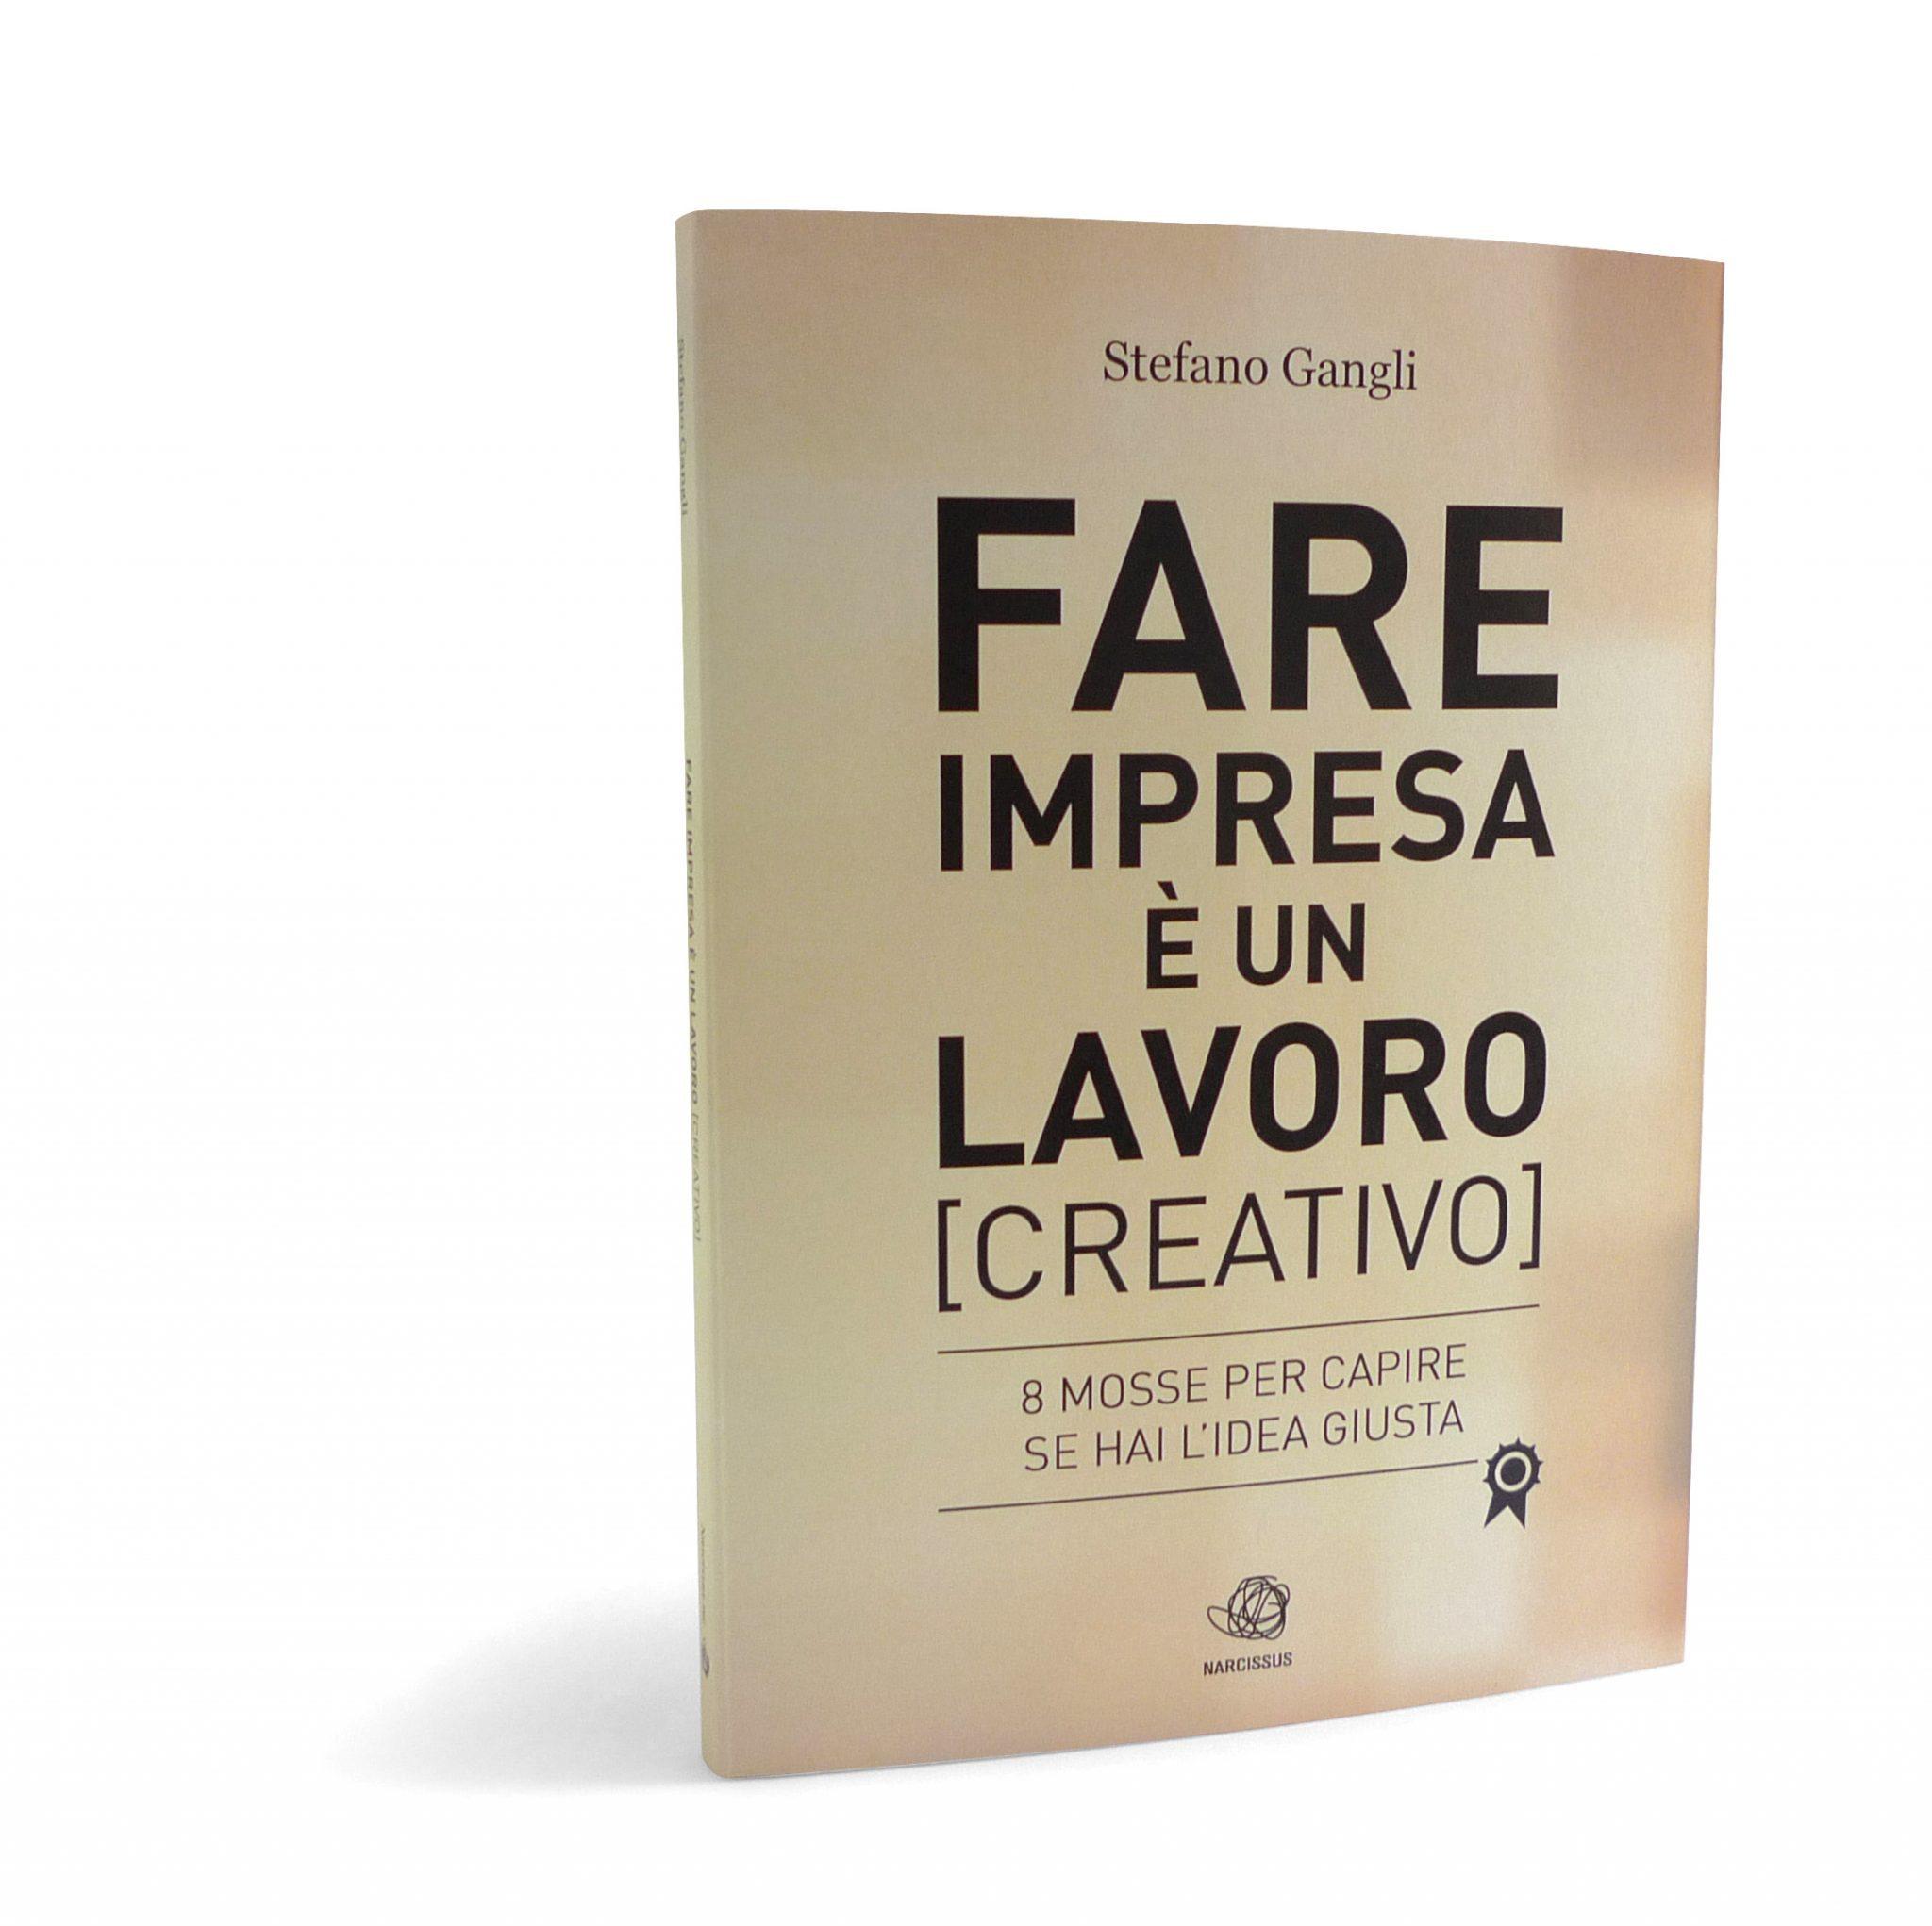 FareImpresa_02